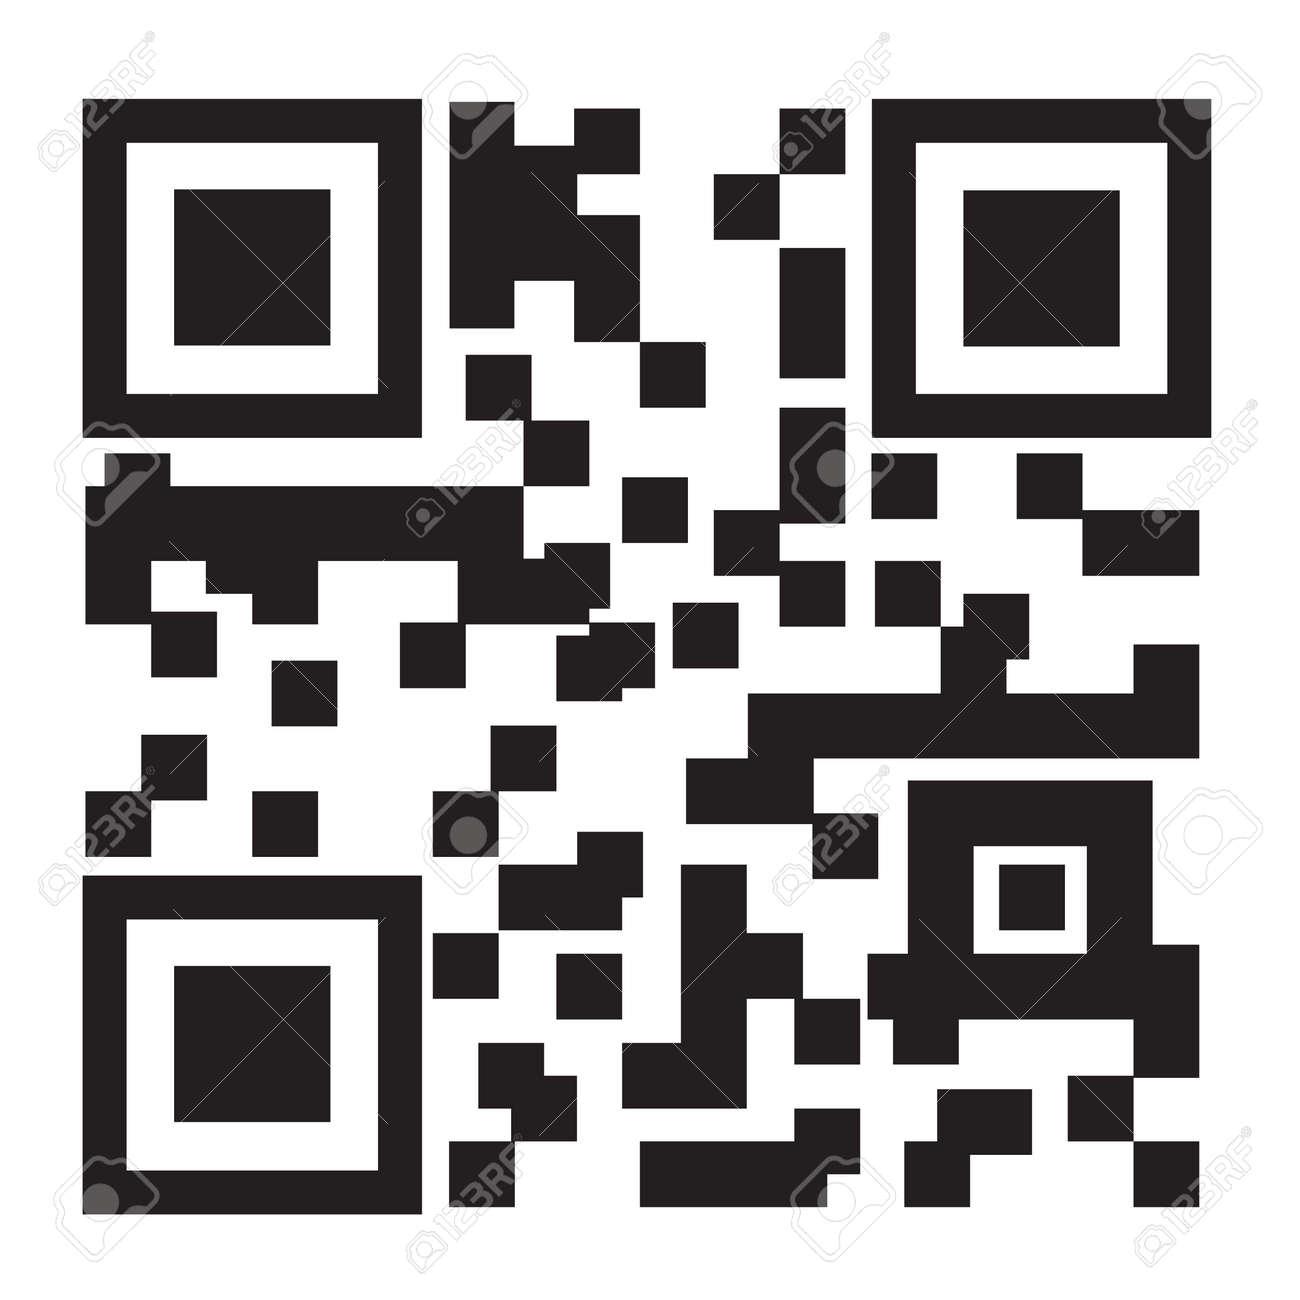 白の背景 ベクトル イラストに 2次元バーコードのイラスト素材 ベクタ Image